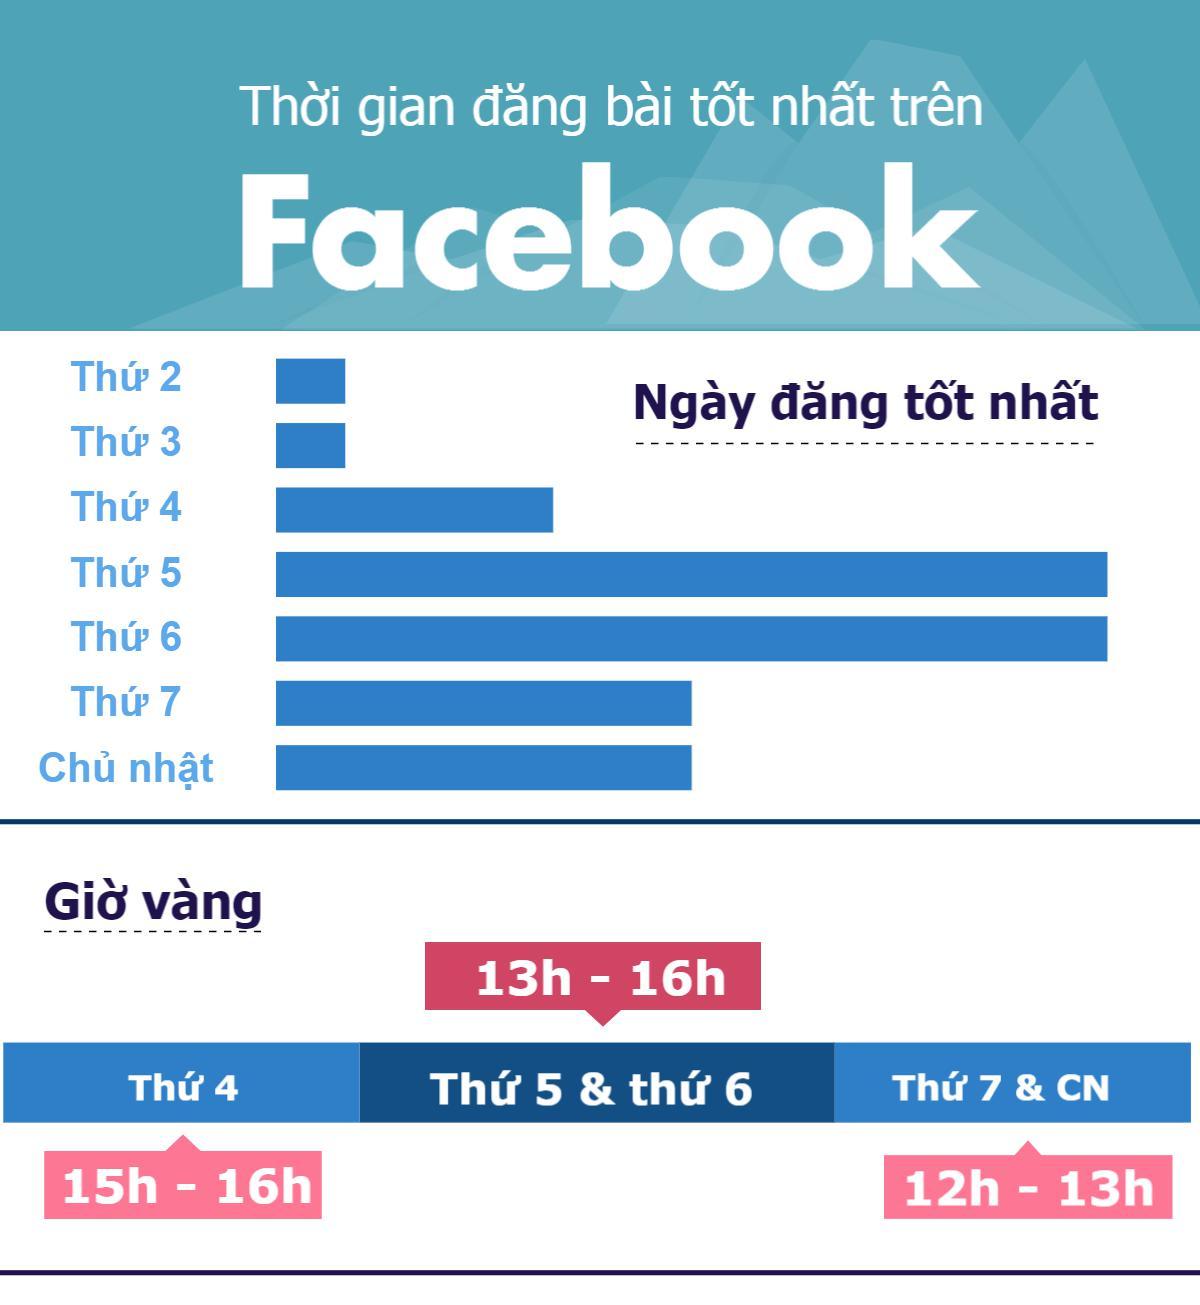 [Infographic] Tiết lộ giờ vàng câu like Facebook - 1